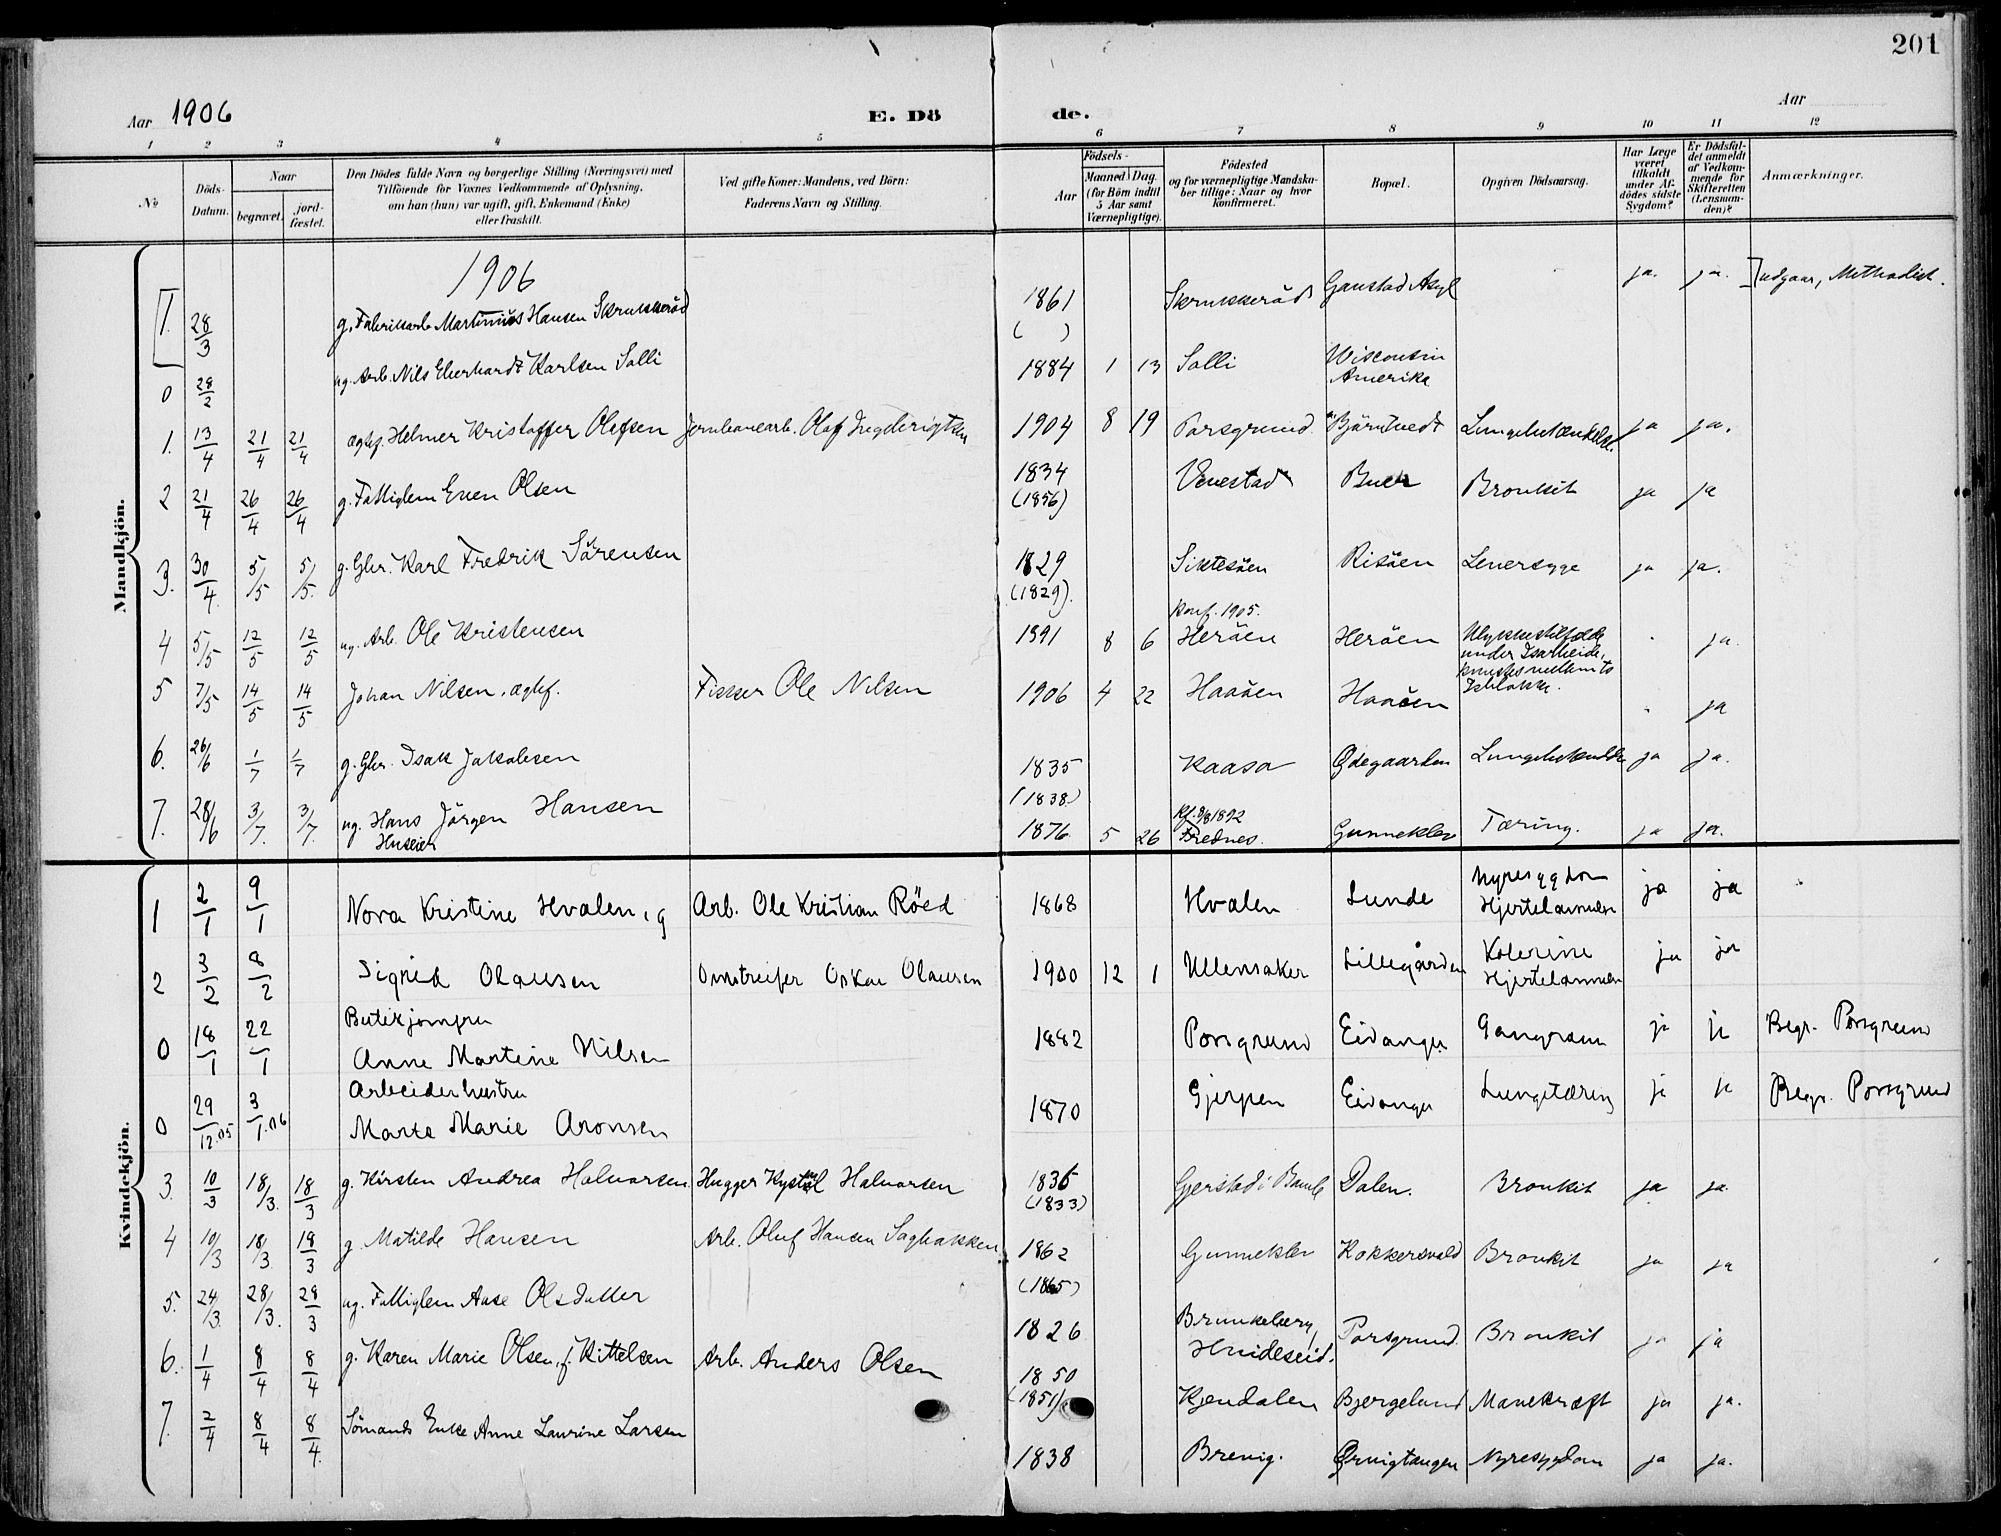 SAKO, Eidanger kirkebøker, F/Fa/L0013: Ministerialbok nr. 13, 1900-1913, s. 201